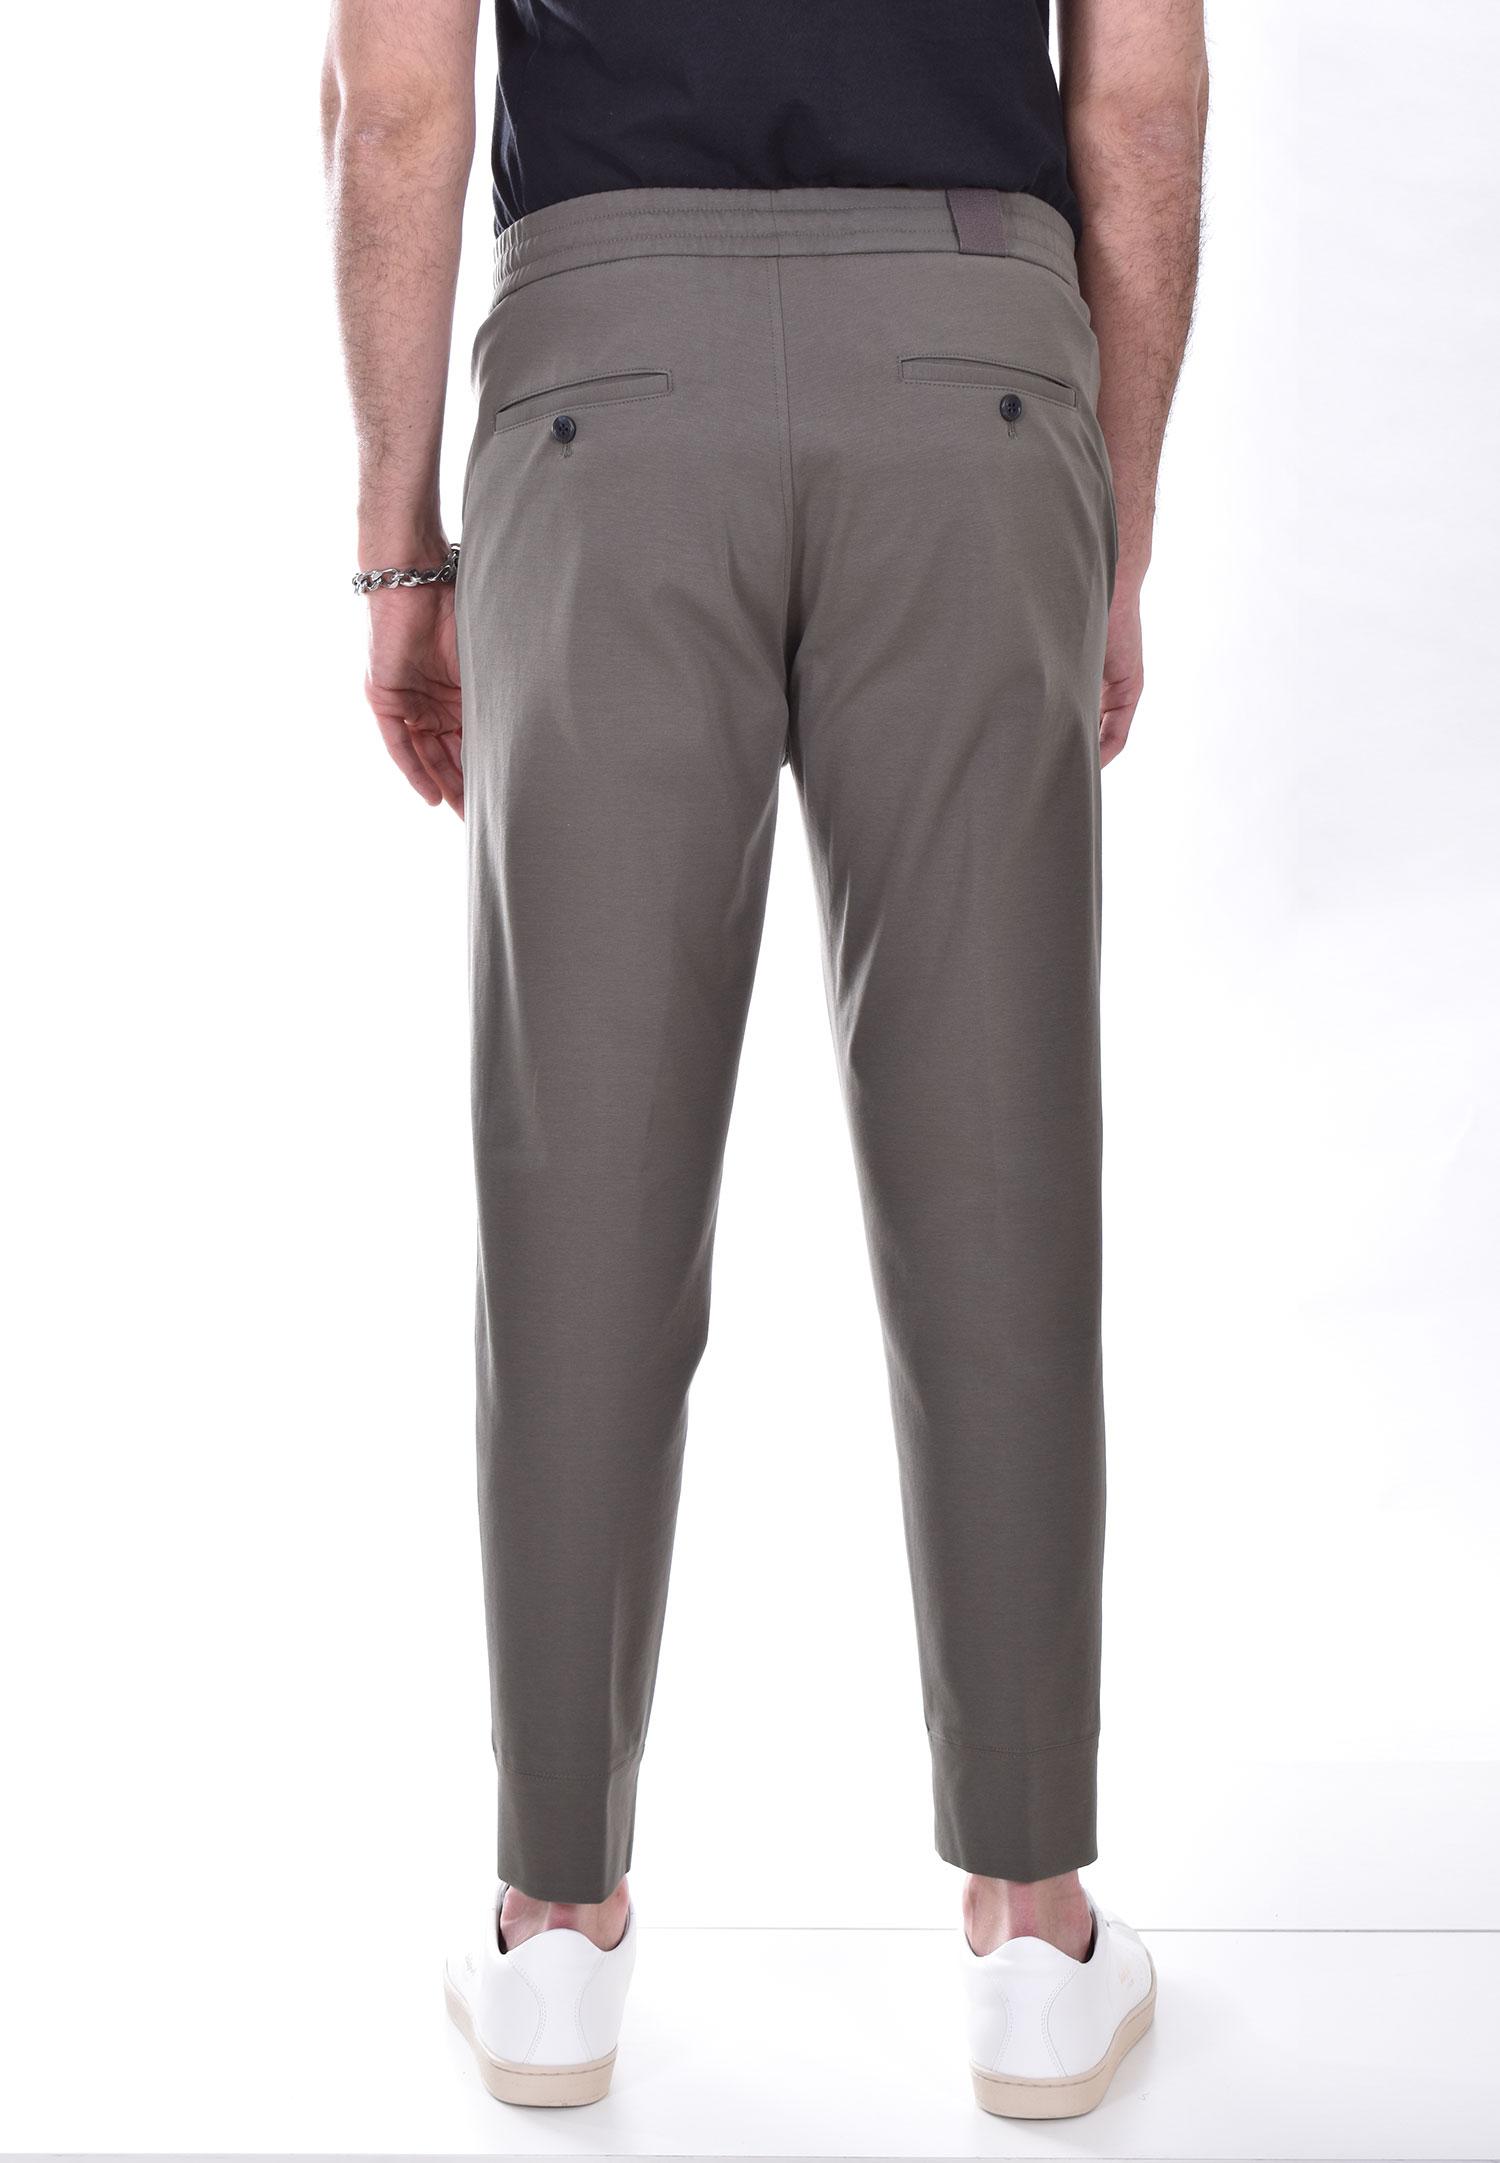 Pantalone Hosio jogging coulisse verde HOSIO | 21409P10346